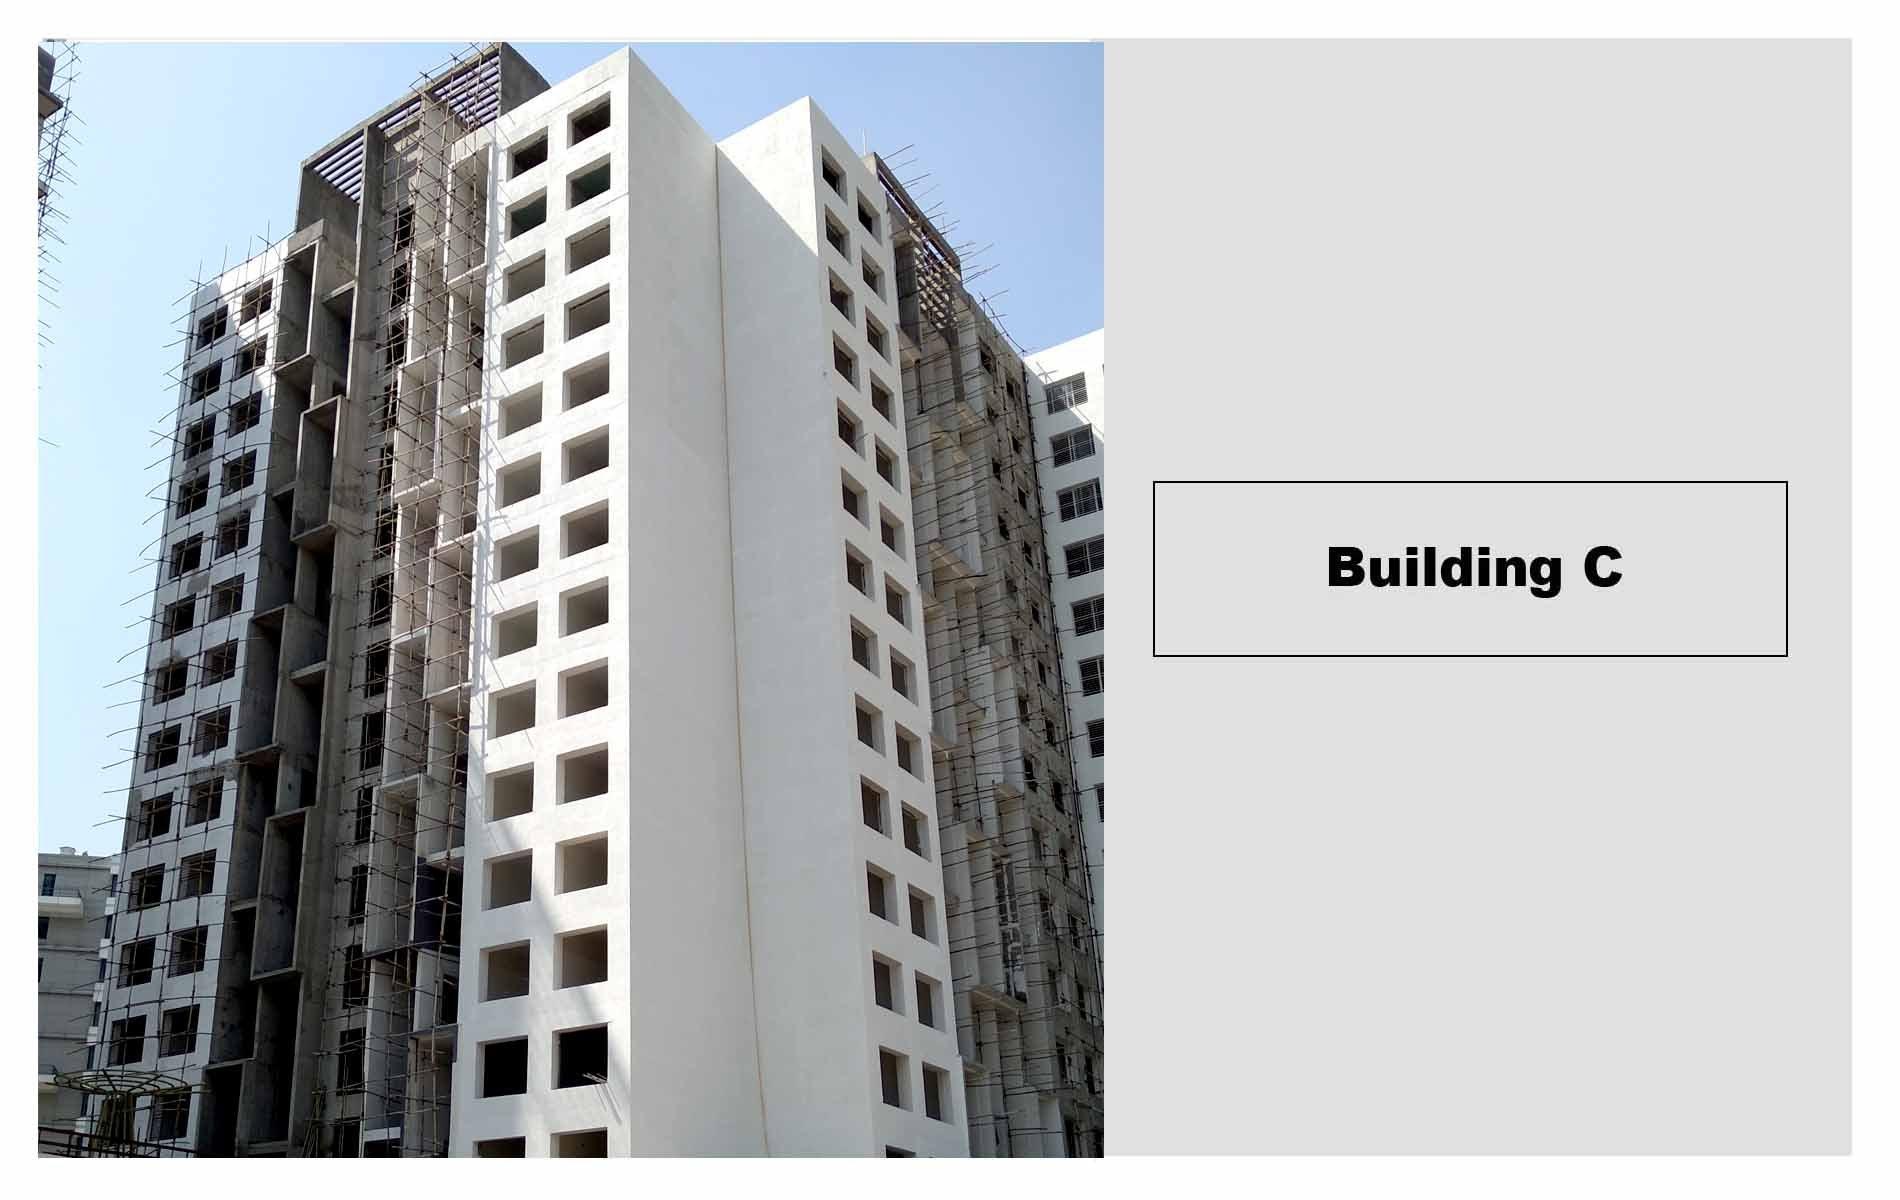 Building C